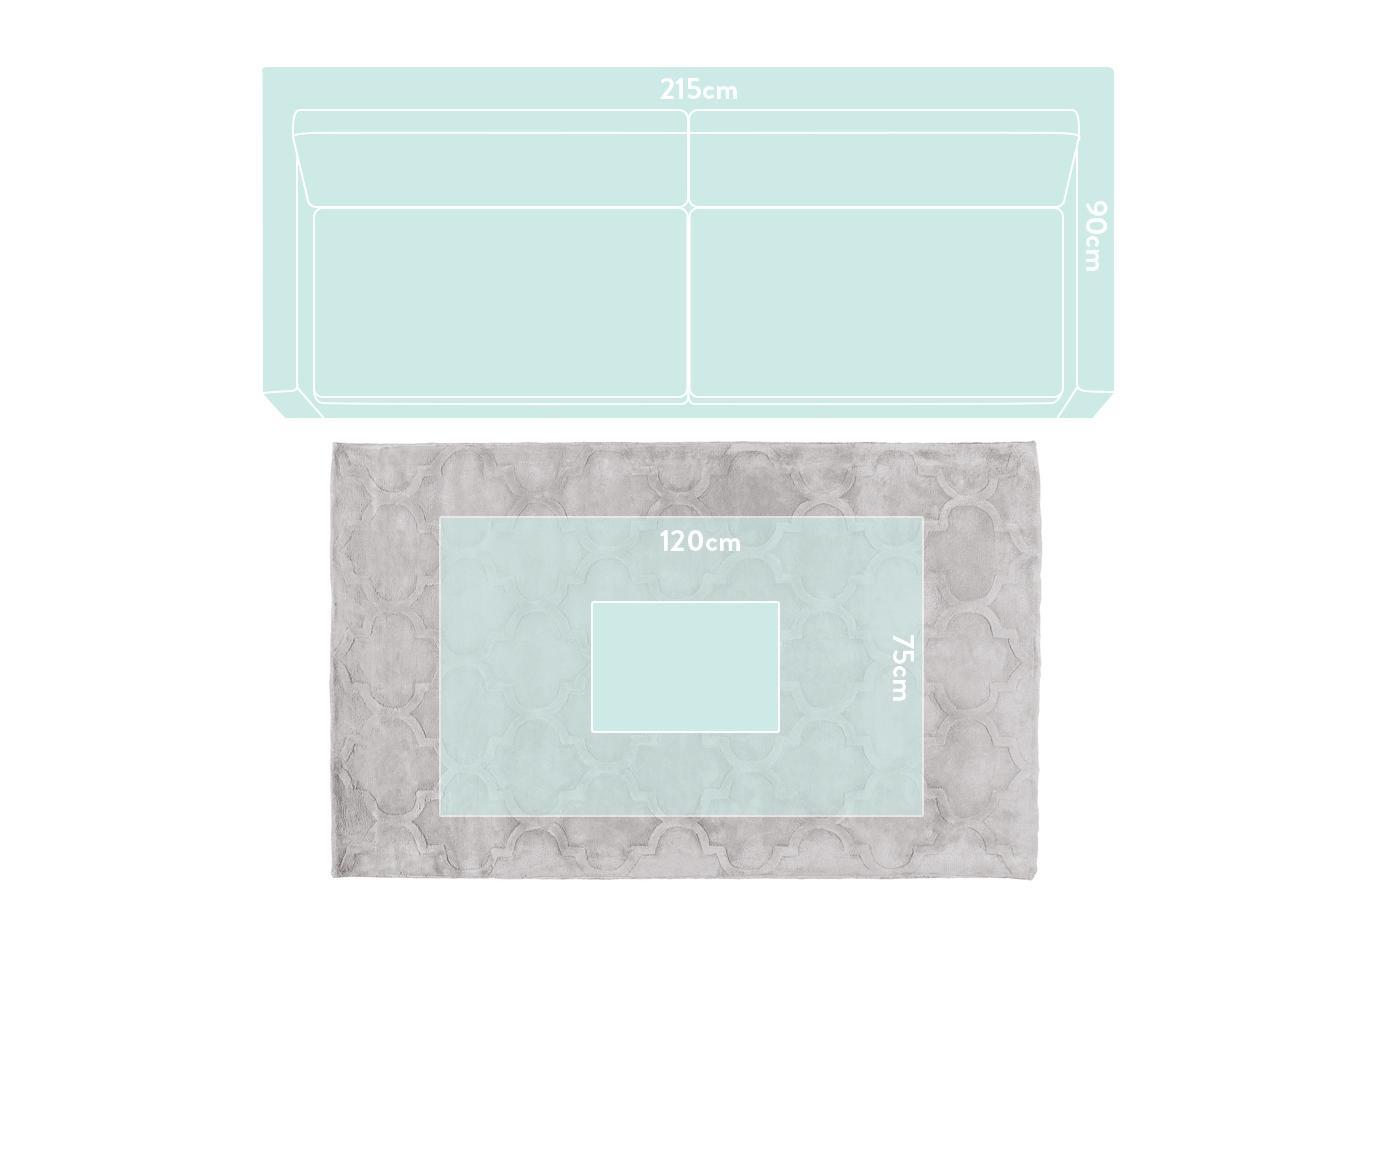 Ręcznie tuftowany dywan z wiskozy Magali, Jasny szary, S 120 x D 180 cm (Rozmiar S)